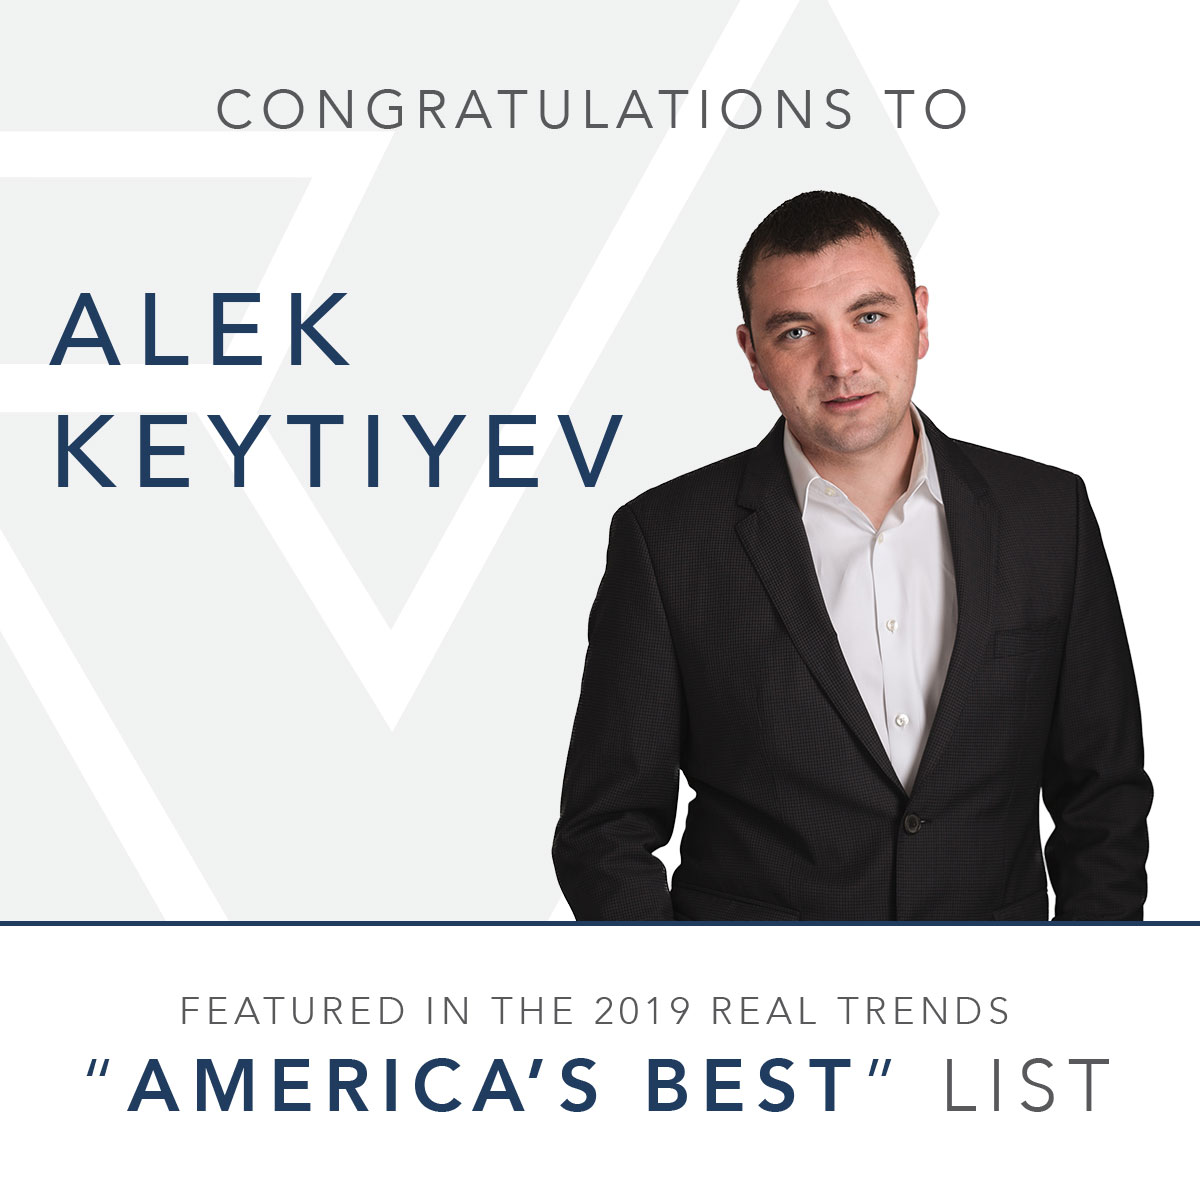 Alek Keytiyev is Americas Best 2019 by Real Trends